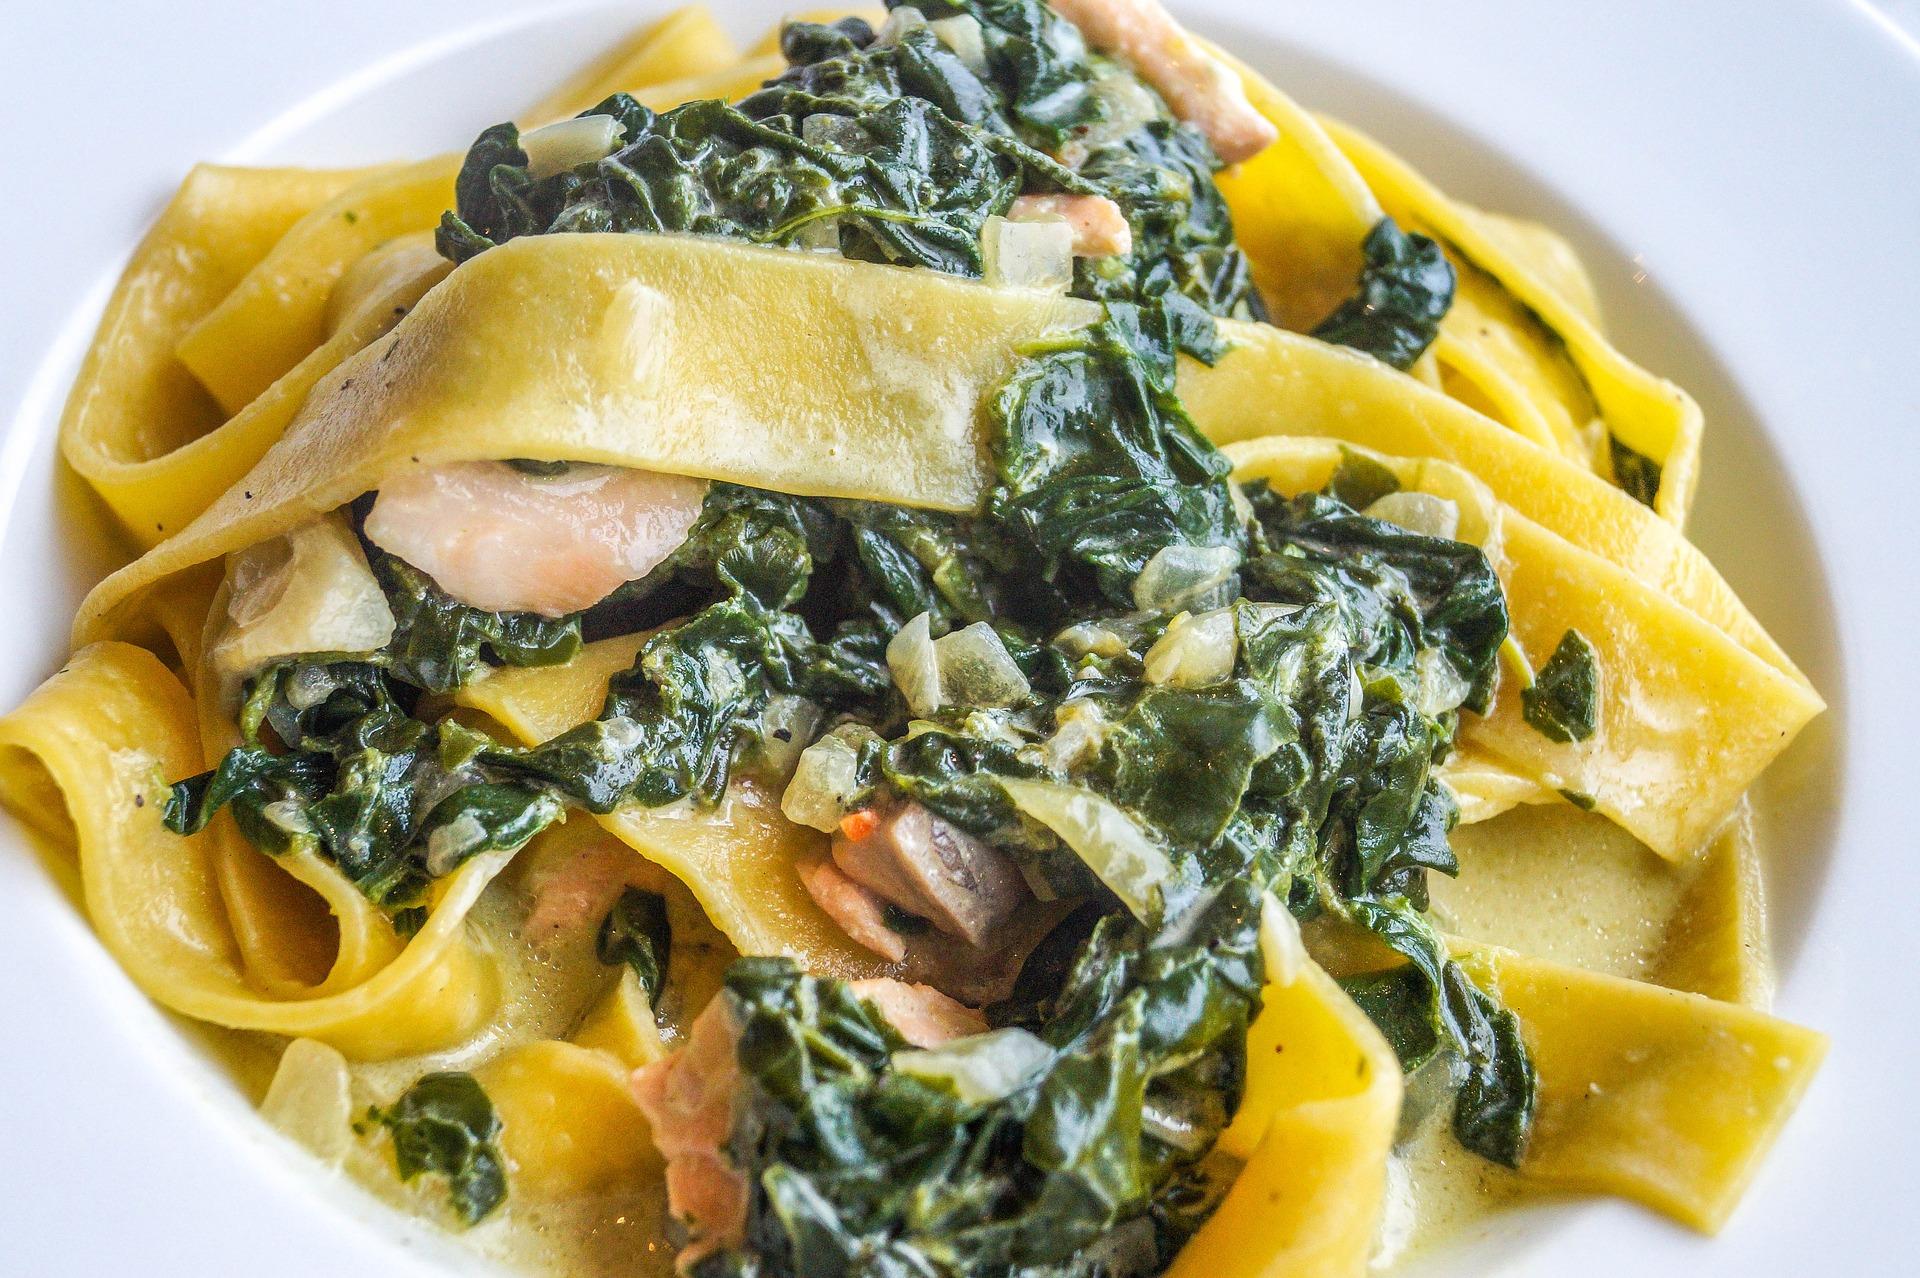 Lachs auf Tagliatelle mit Zucchini und Kirschtomaten